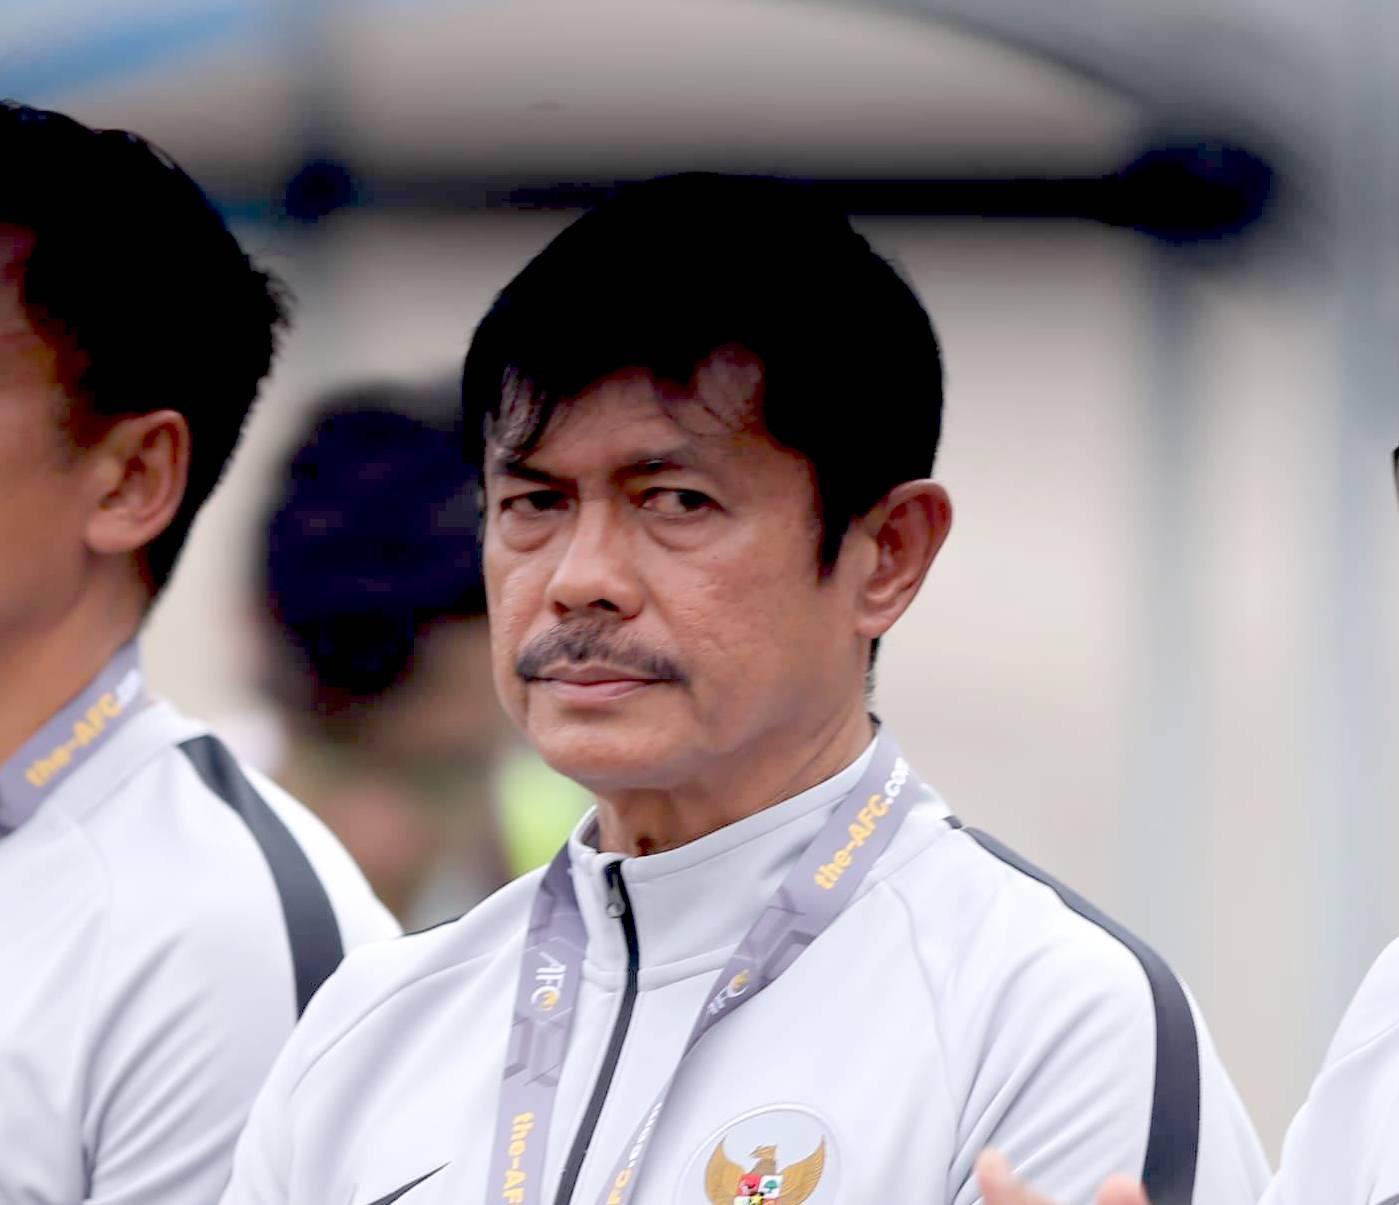 Thua đậm U.23 Thái Lan, HLV Indonesia phủ nhận 'thủ sức' gặp Việt Nam Ảnh 1